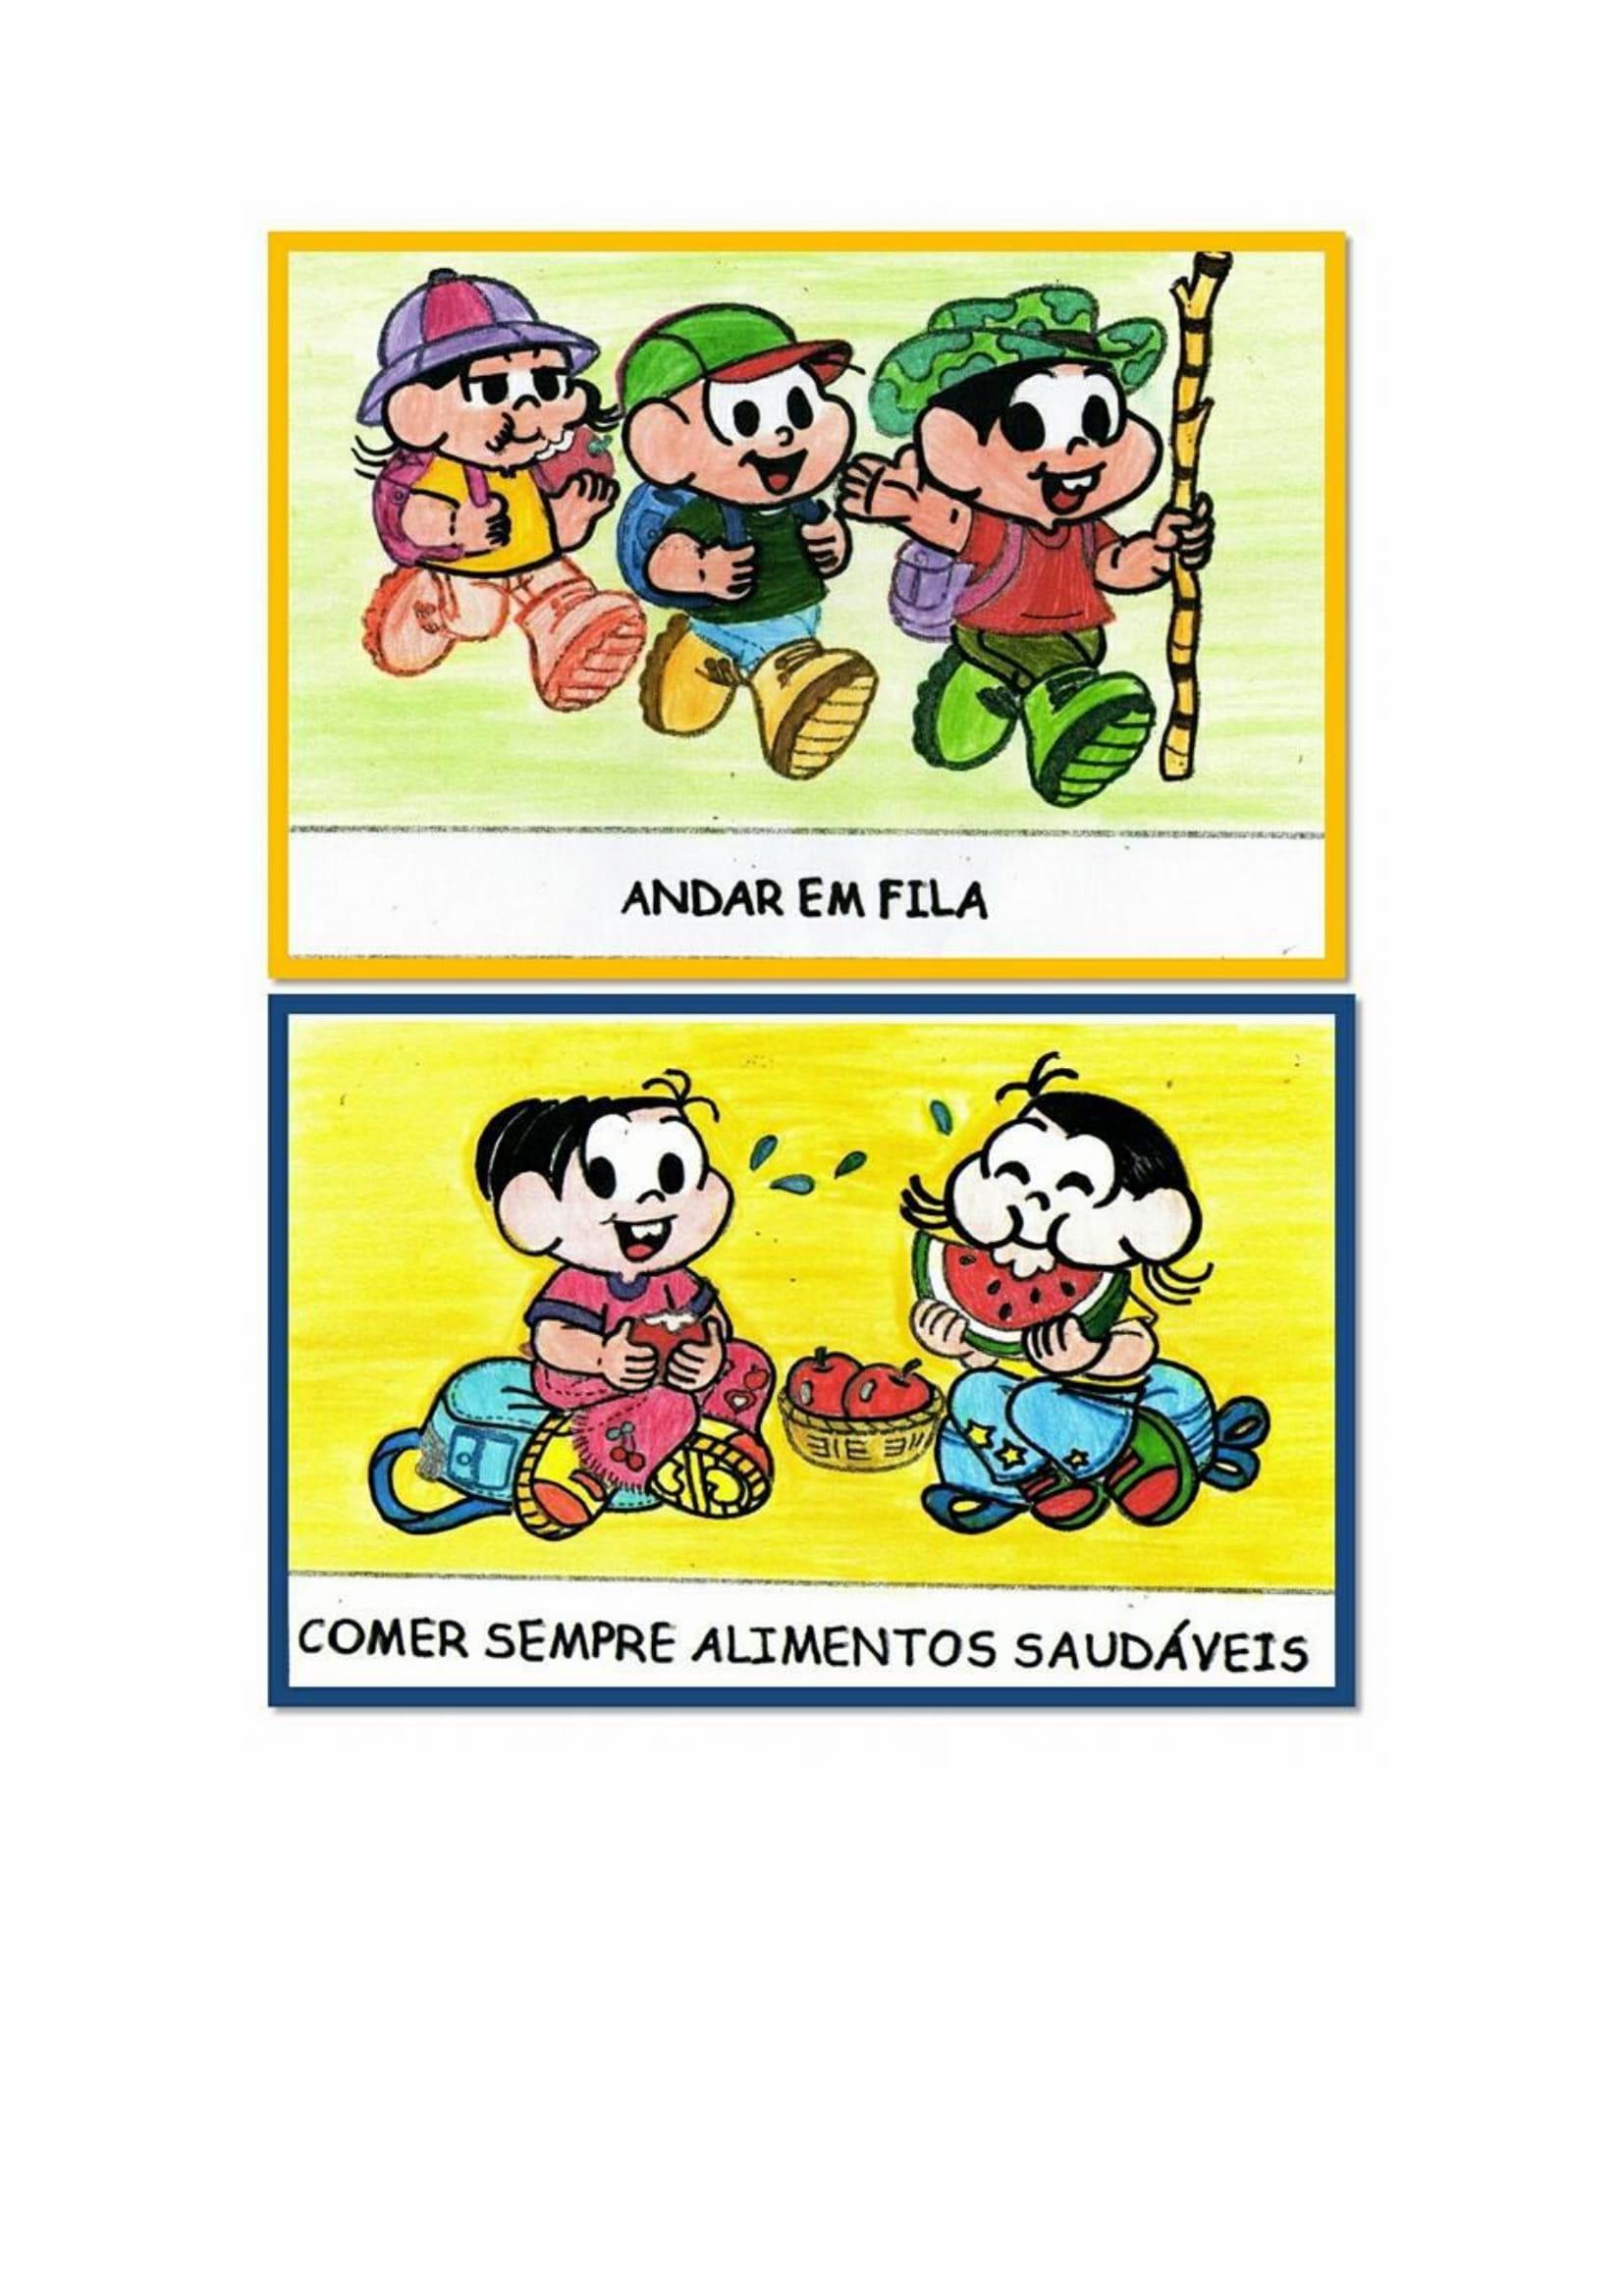 Regrinhas-e-Combinados-da-Turma-da-Mônica-em-PDF-2